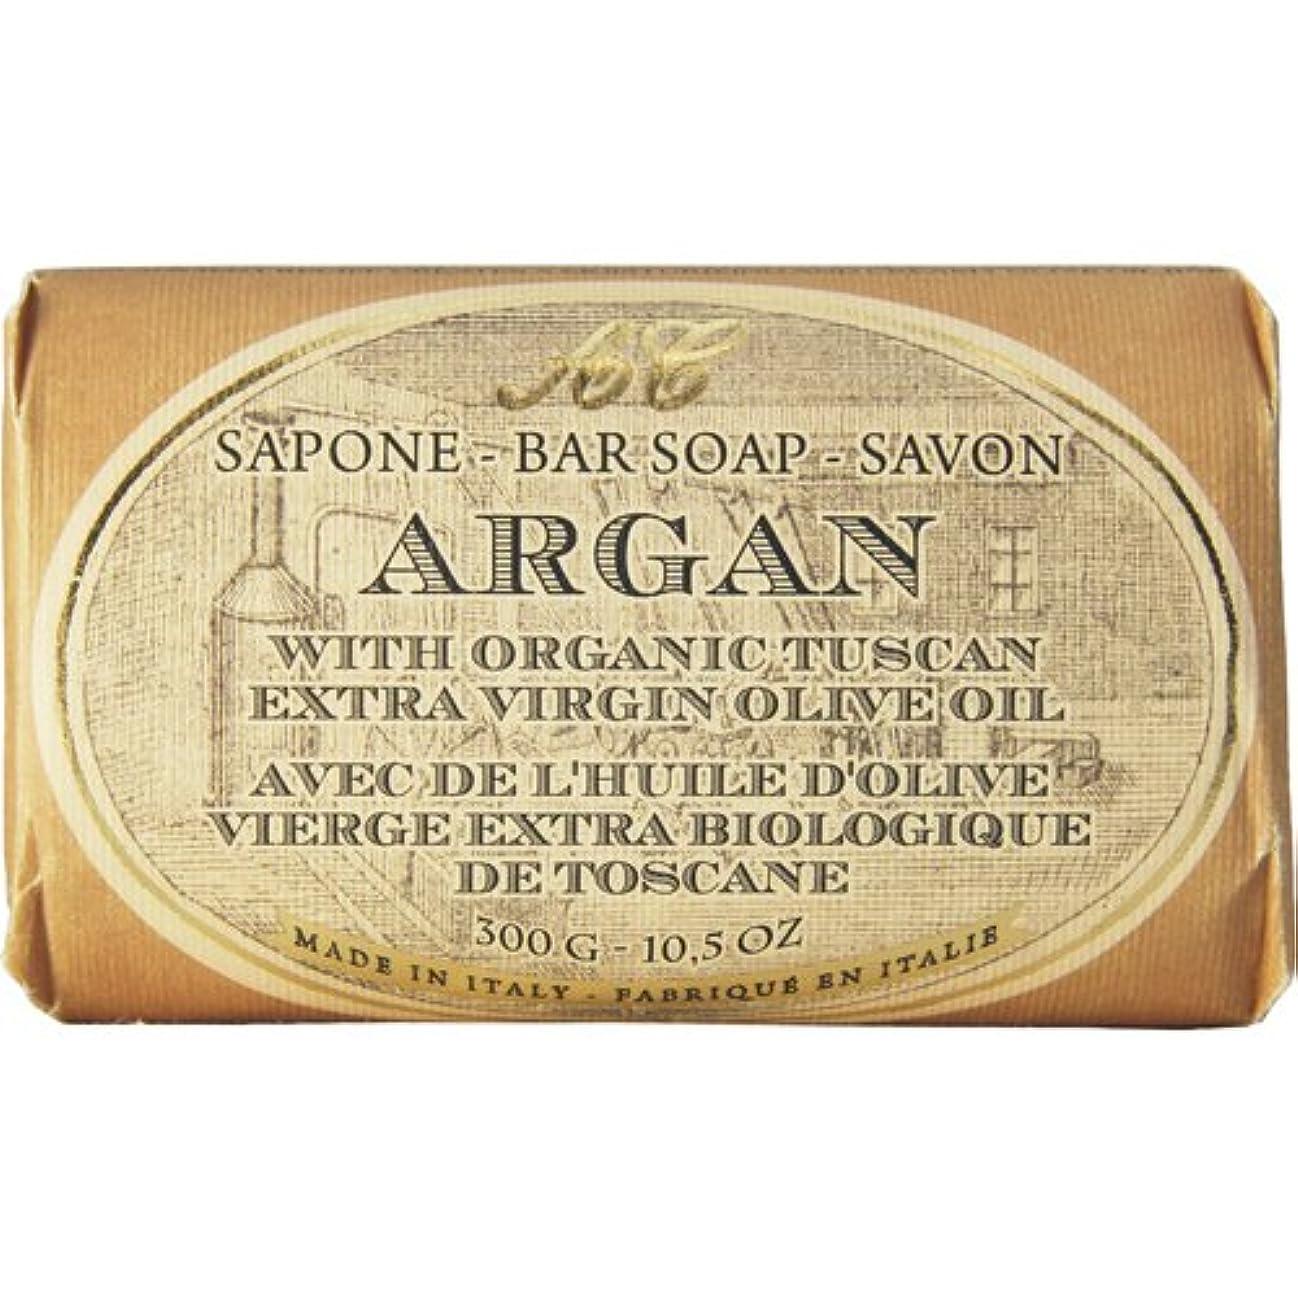 交響曲ゼリー人質Saponerire Fissi レトロシリーズ Bar Soap バーソープ 300g Argan アルガンオイル